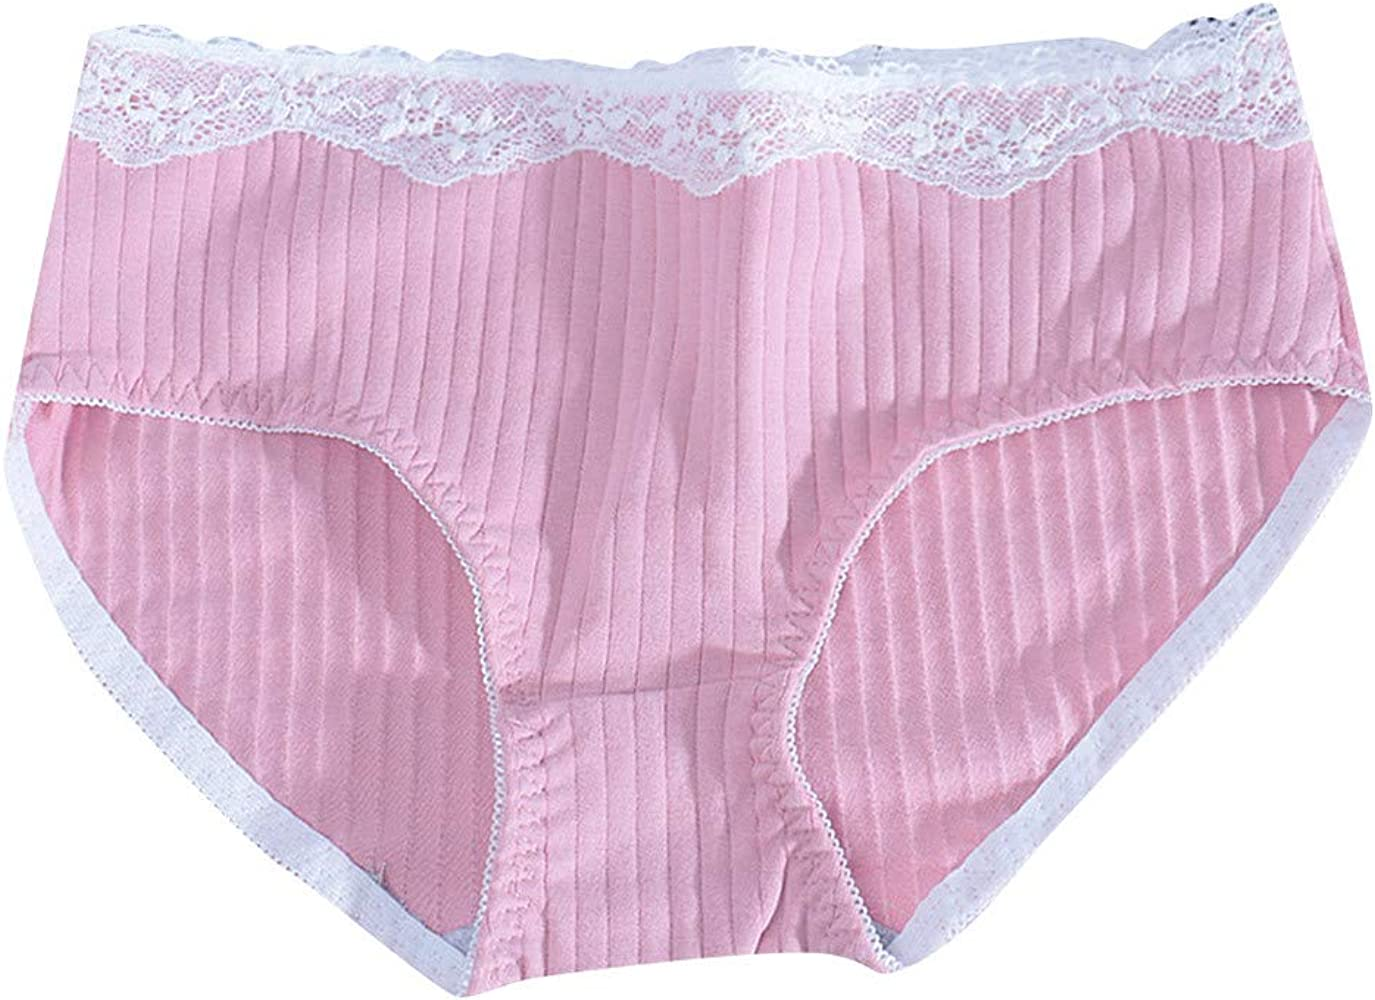 Sloater Calzoncillos Mujer, 100% algodón, cómodos Braguitas ...